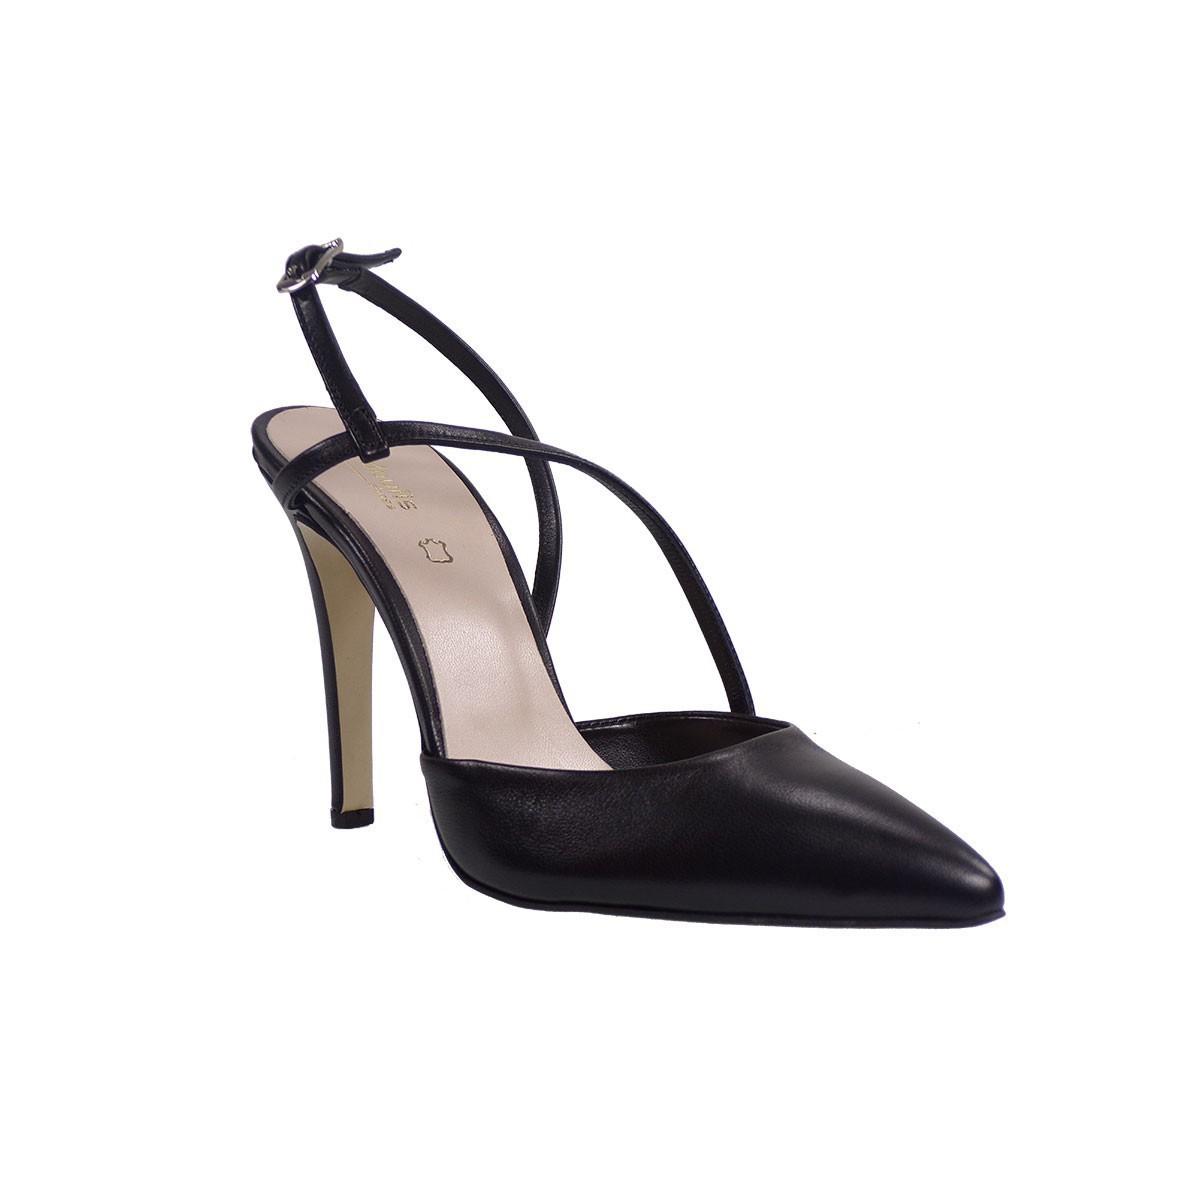 Fardoulis Shoes Γυναικείες Γόβες 2323 Μαύρο Δέρμα